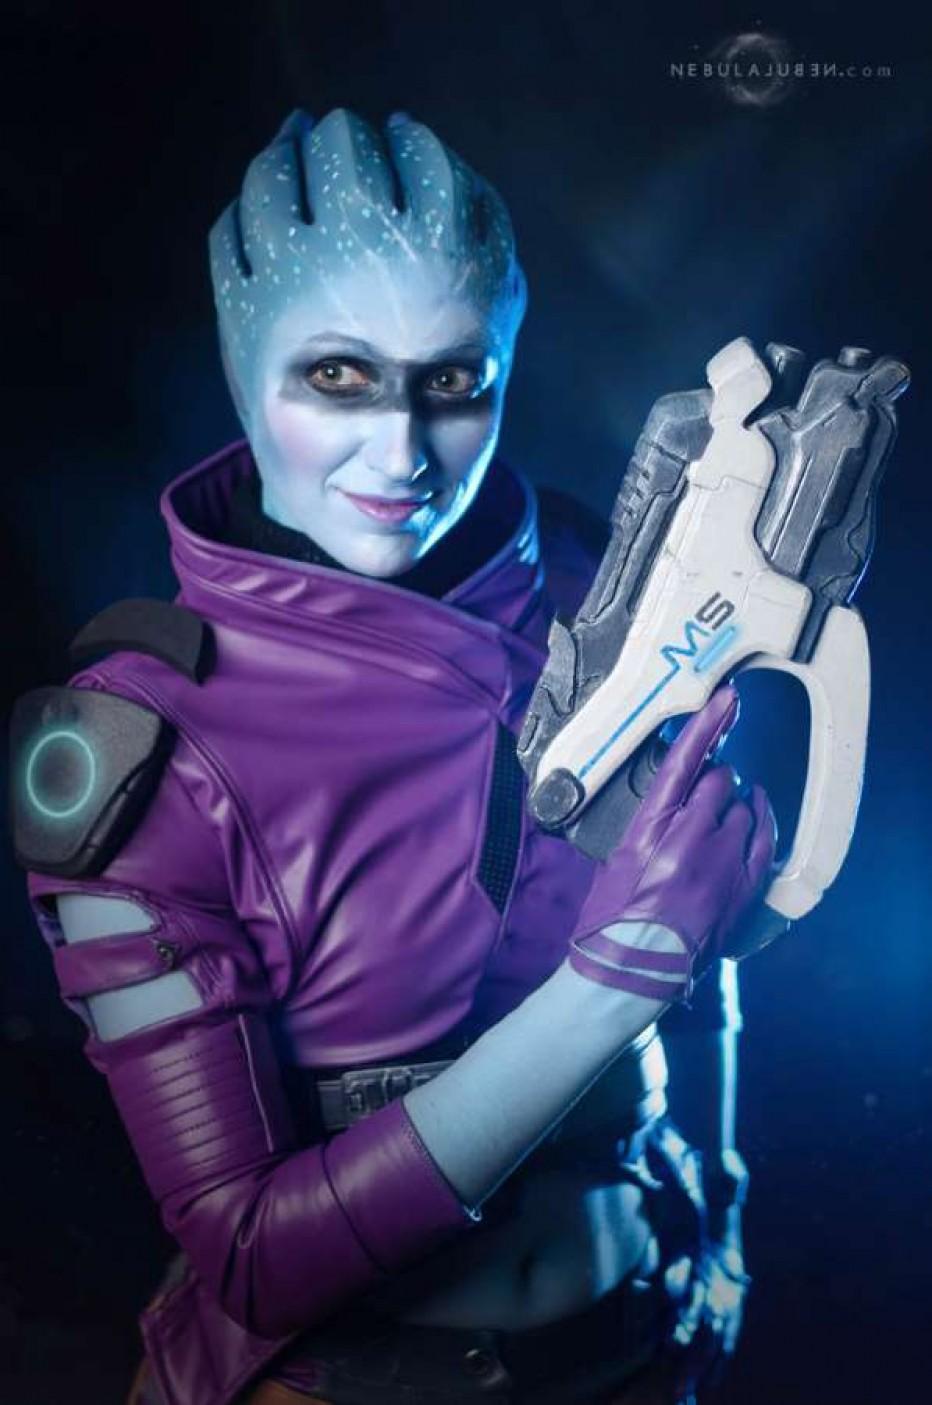 Mass-Effect-Andromeda-Peebee-Cosplay-Gamers-Heroes-2.jpg